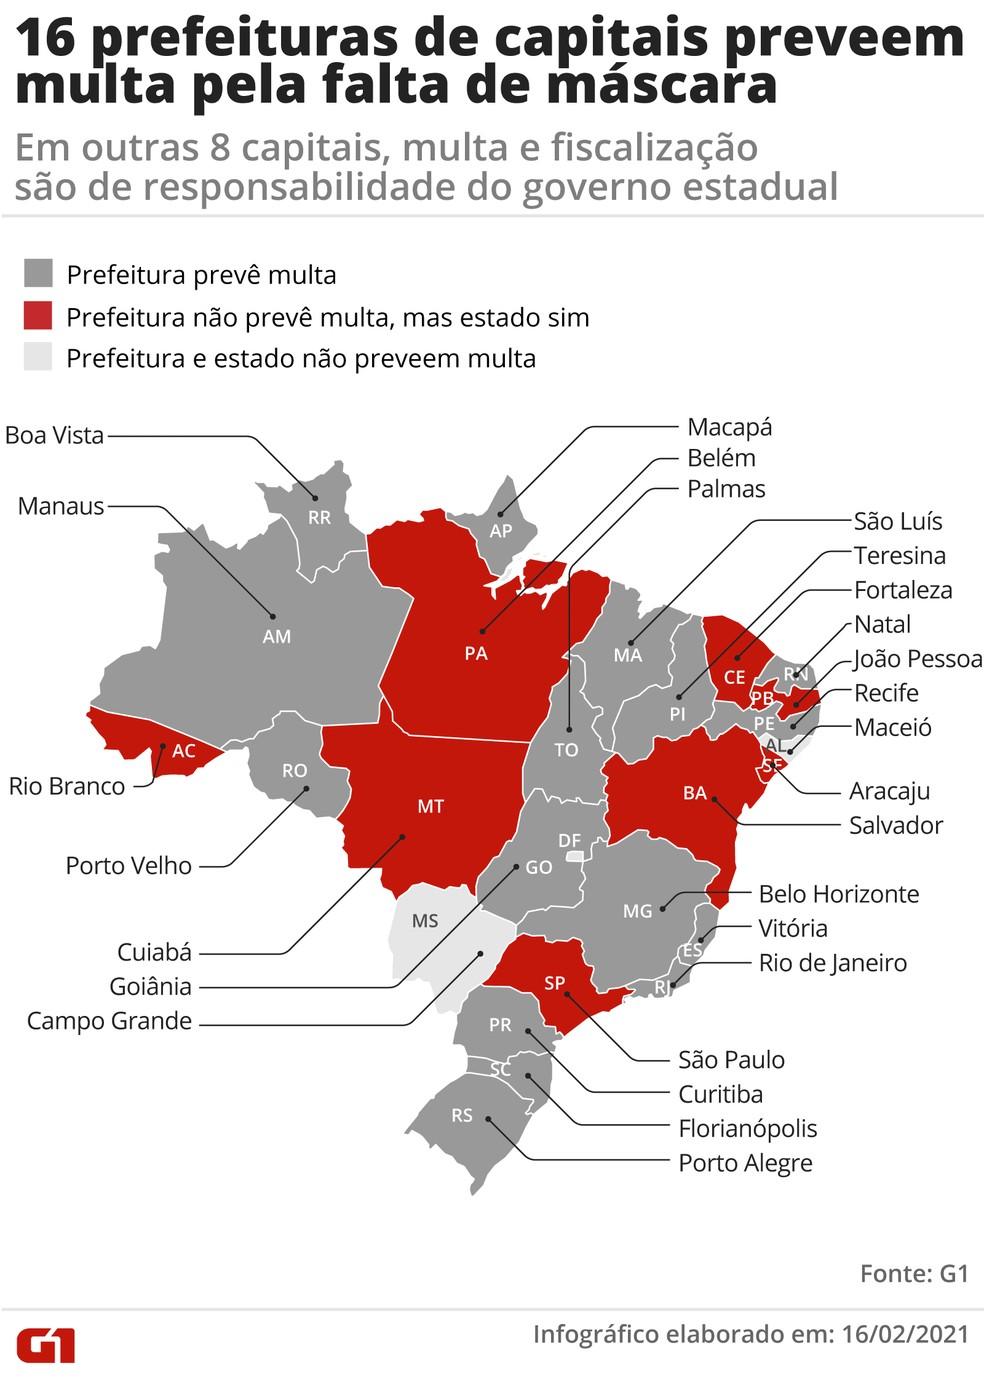 16 prefeituras de capitais preveem multa pela falta de máscara; em outras 8 capitais, multa e fiscalização são de responsabilidade do governo estadual — Foto: Fernanda Garrafiel / G1